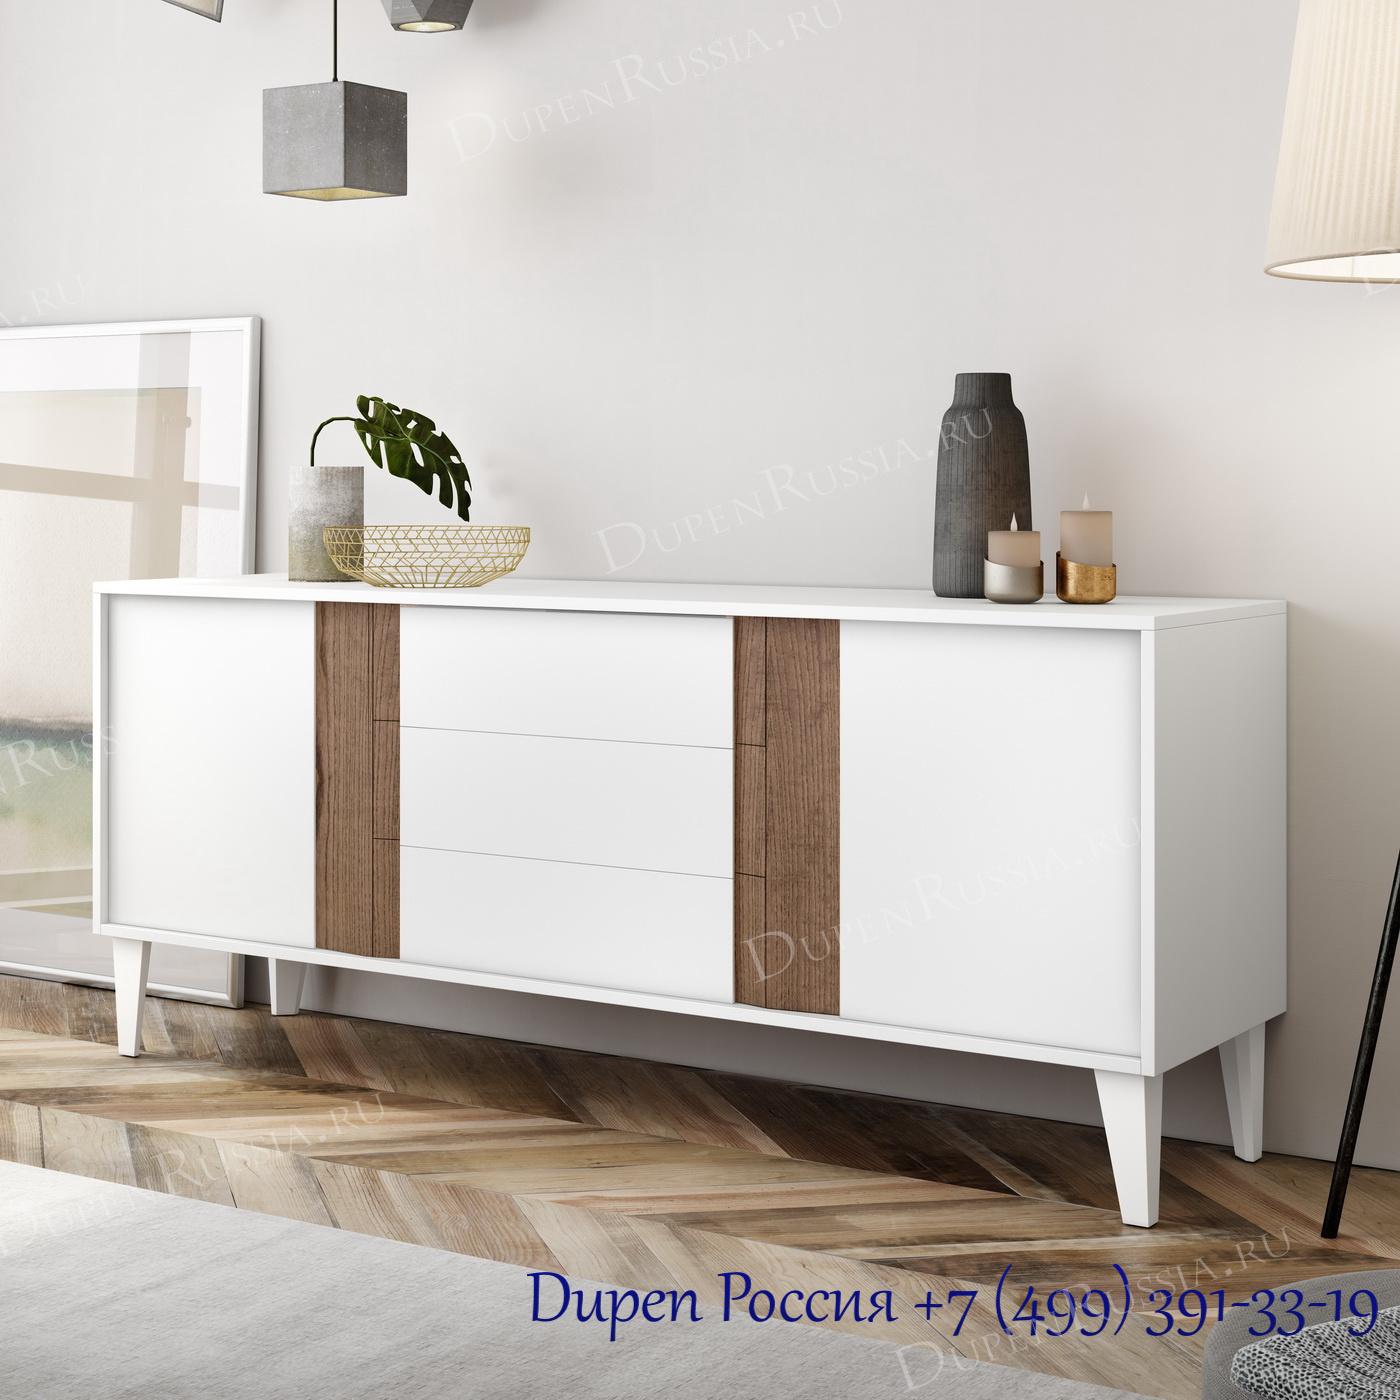 Буфет DUPEN MORITZ 165 CM